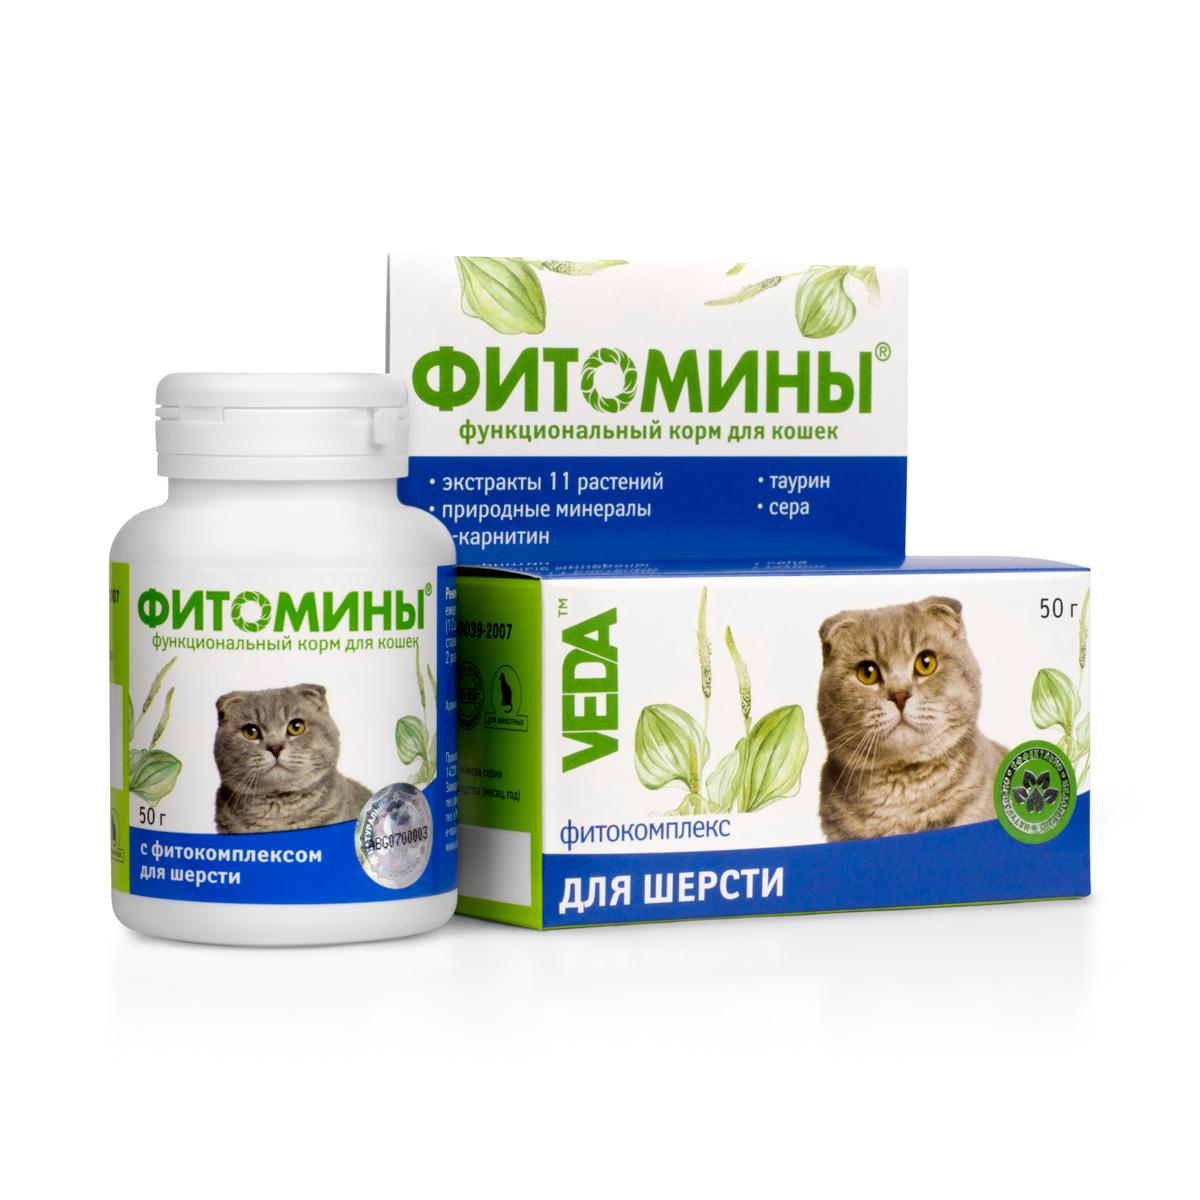 Корм для кошек VEDA Фитомины, функциональный, с фитокомплексом, для шерсти, 50 г4605543005848Корм функциональный для кошек VEDA Фитомины с фитокомплексом способствует оздоровлению шерстного покрова, восстановлению красивого внешнего вида.Рекомендуется включать в рацион:- при выпадении шерсти, аллопециях (облысении), внесезонных линьках, - при нездоровом виде шерсти для улучшения её структуры и окраса, - при подготовке животного к выставке.Состав: лактоза; крахмал; дрожжи пивные; фитокомплекс: корней лопуха, листьев крапивы, листьев березы, цветков ромашки, травы чабреца, корневищ аира, травы череды, корней и корневищ солодки, травы подмаренника, листьев подорожника большого, травы тысячелистника; природный минеральный комплекс; паровая рыбная мука; стеарат кальция; L-карнитин; таурин; сера.В 100 г продукта содержится (не менее): углеводы - 88 г; жиры - 0,4 г; белки - 5,0 г; кальций - 600 мг; фосфор - 360 мг; железо - 15,0 мг; цинк - 4 мг; марганец - 0,1 мг; медь - 0,3 мг; L- карнитин - 0,5 г; таурин – 0,2 г; сера - 0,1 г.Энергетическая ценность в 100 г: 380 ккал.Товар сертифицирован.